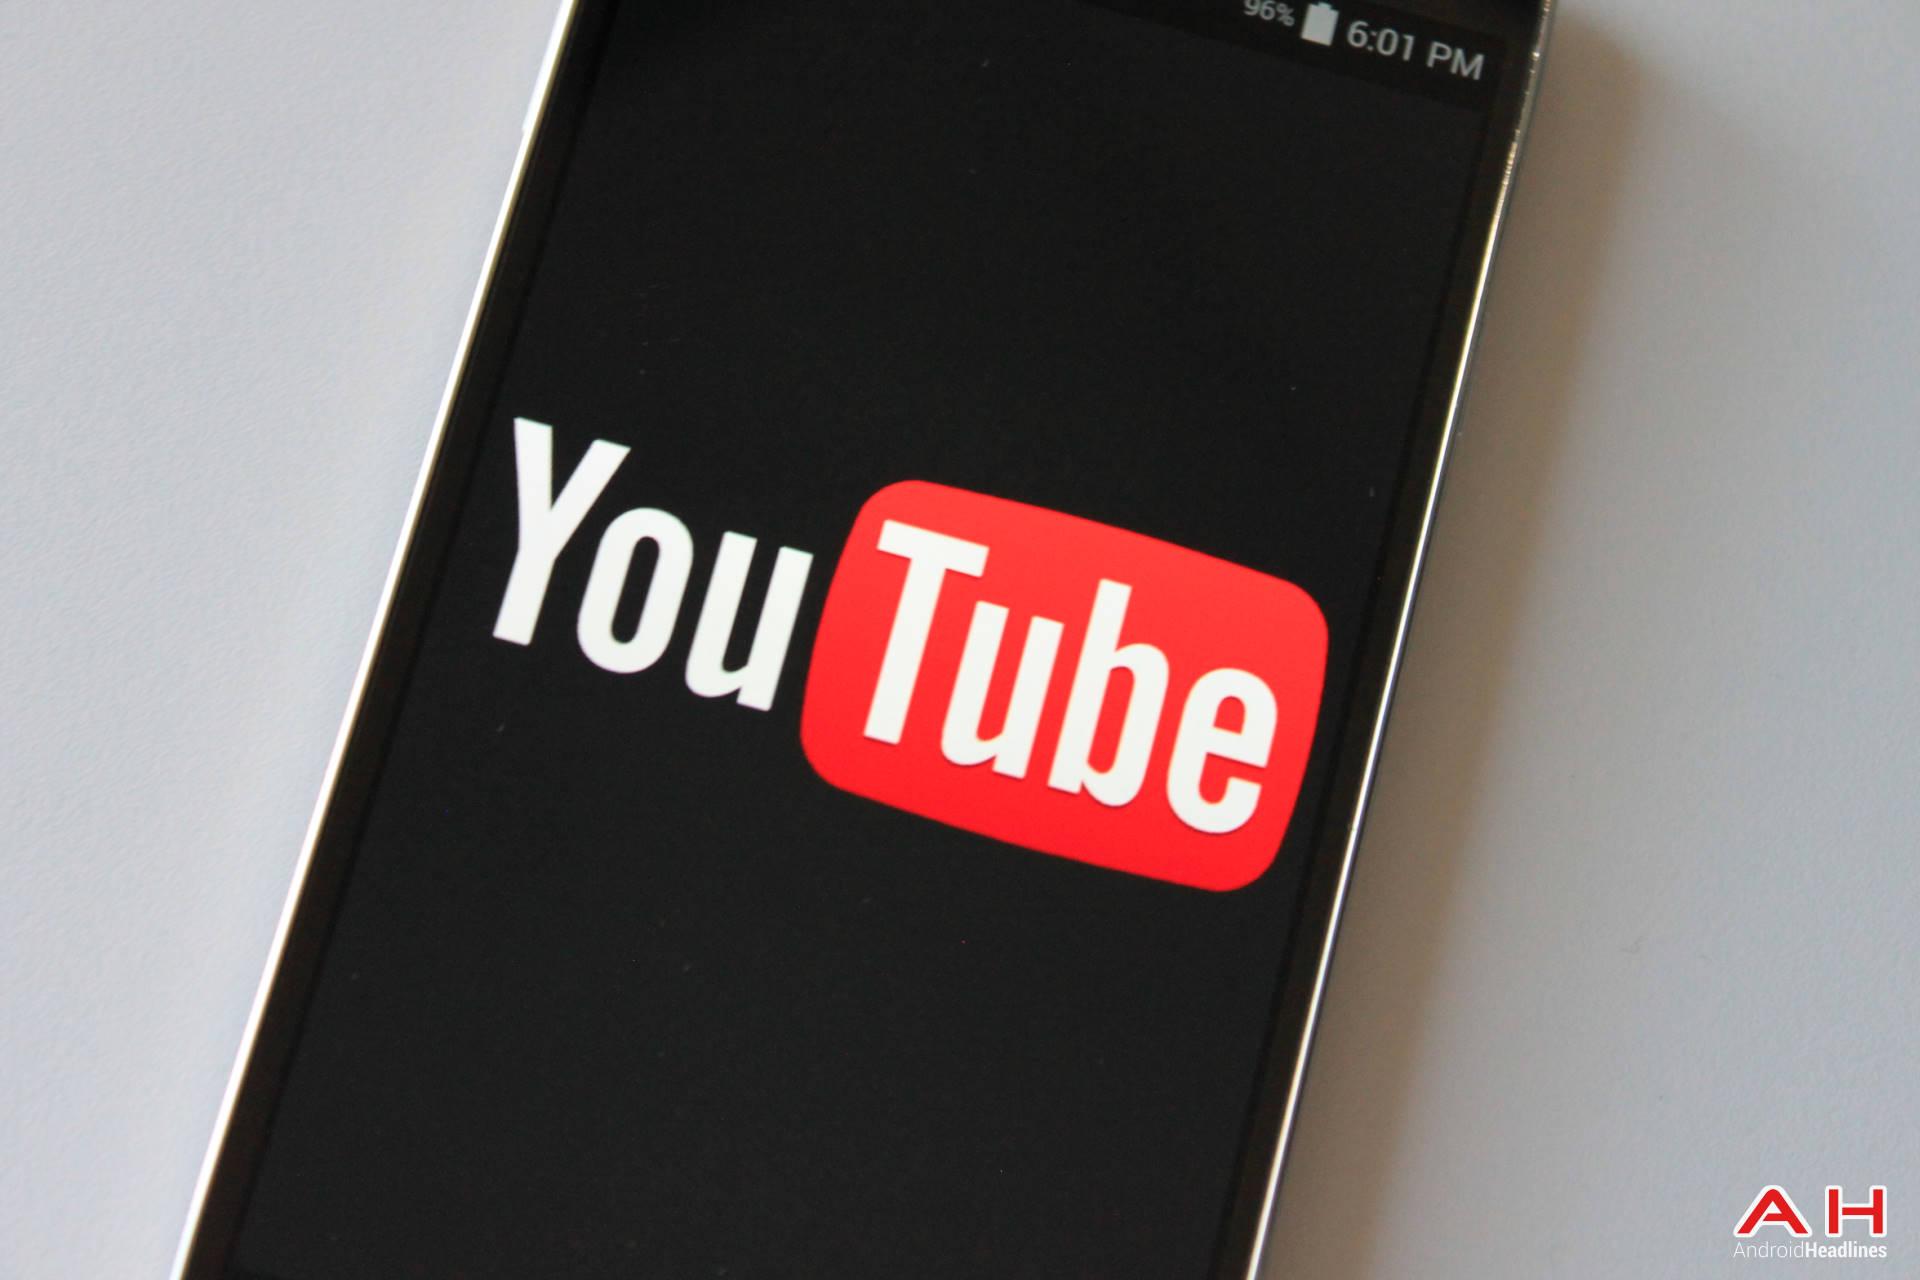 AH-Youtube-1.0-you-tube